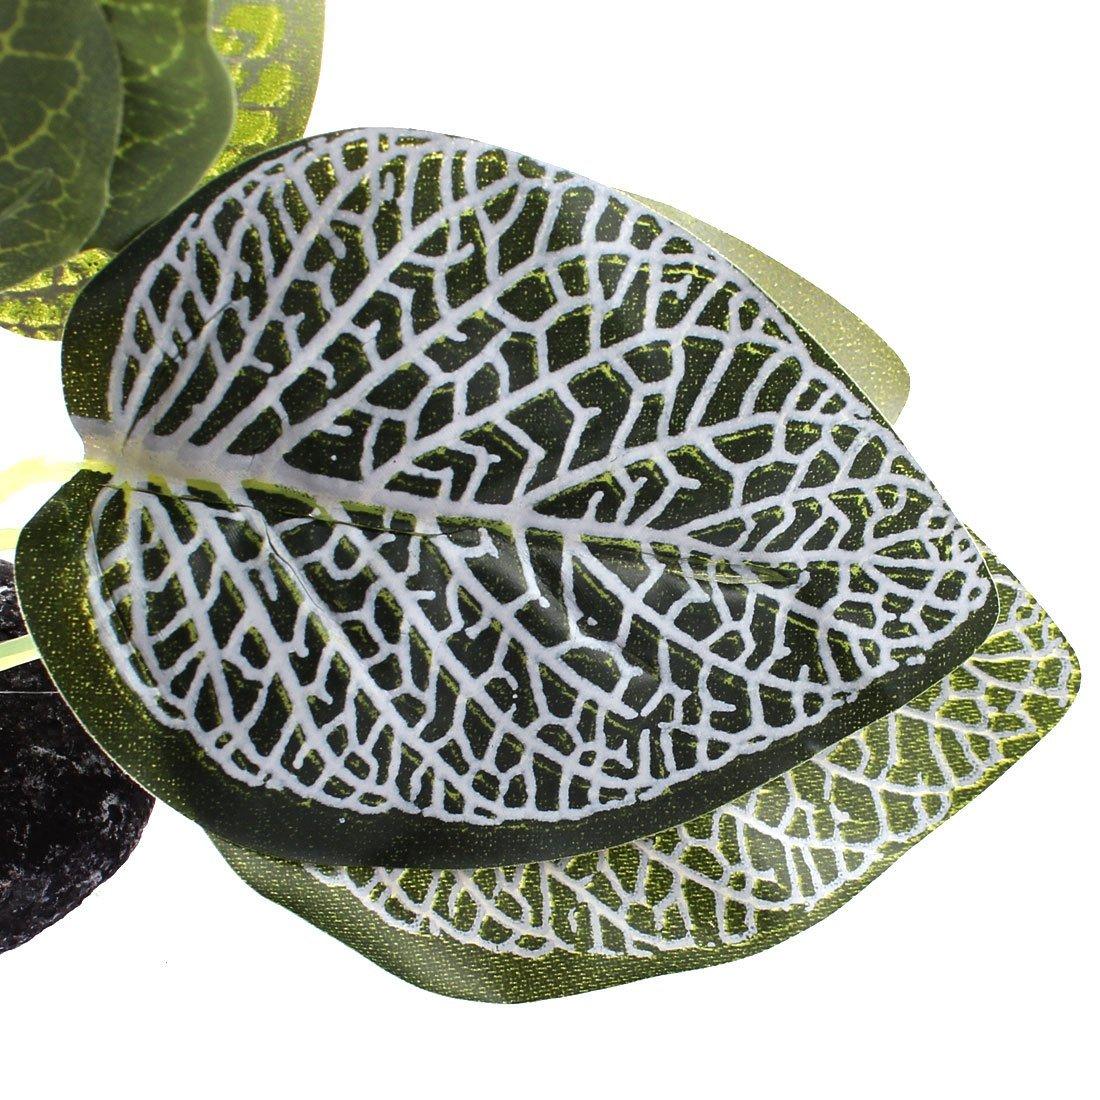 Amazon.com : eDealMax acuario pecera paisaje Plant Simulation Hierba alta decoración 14cm : Pet Supplies